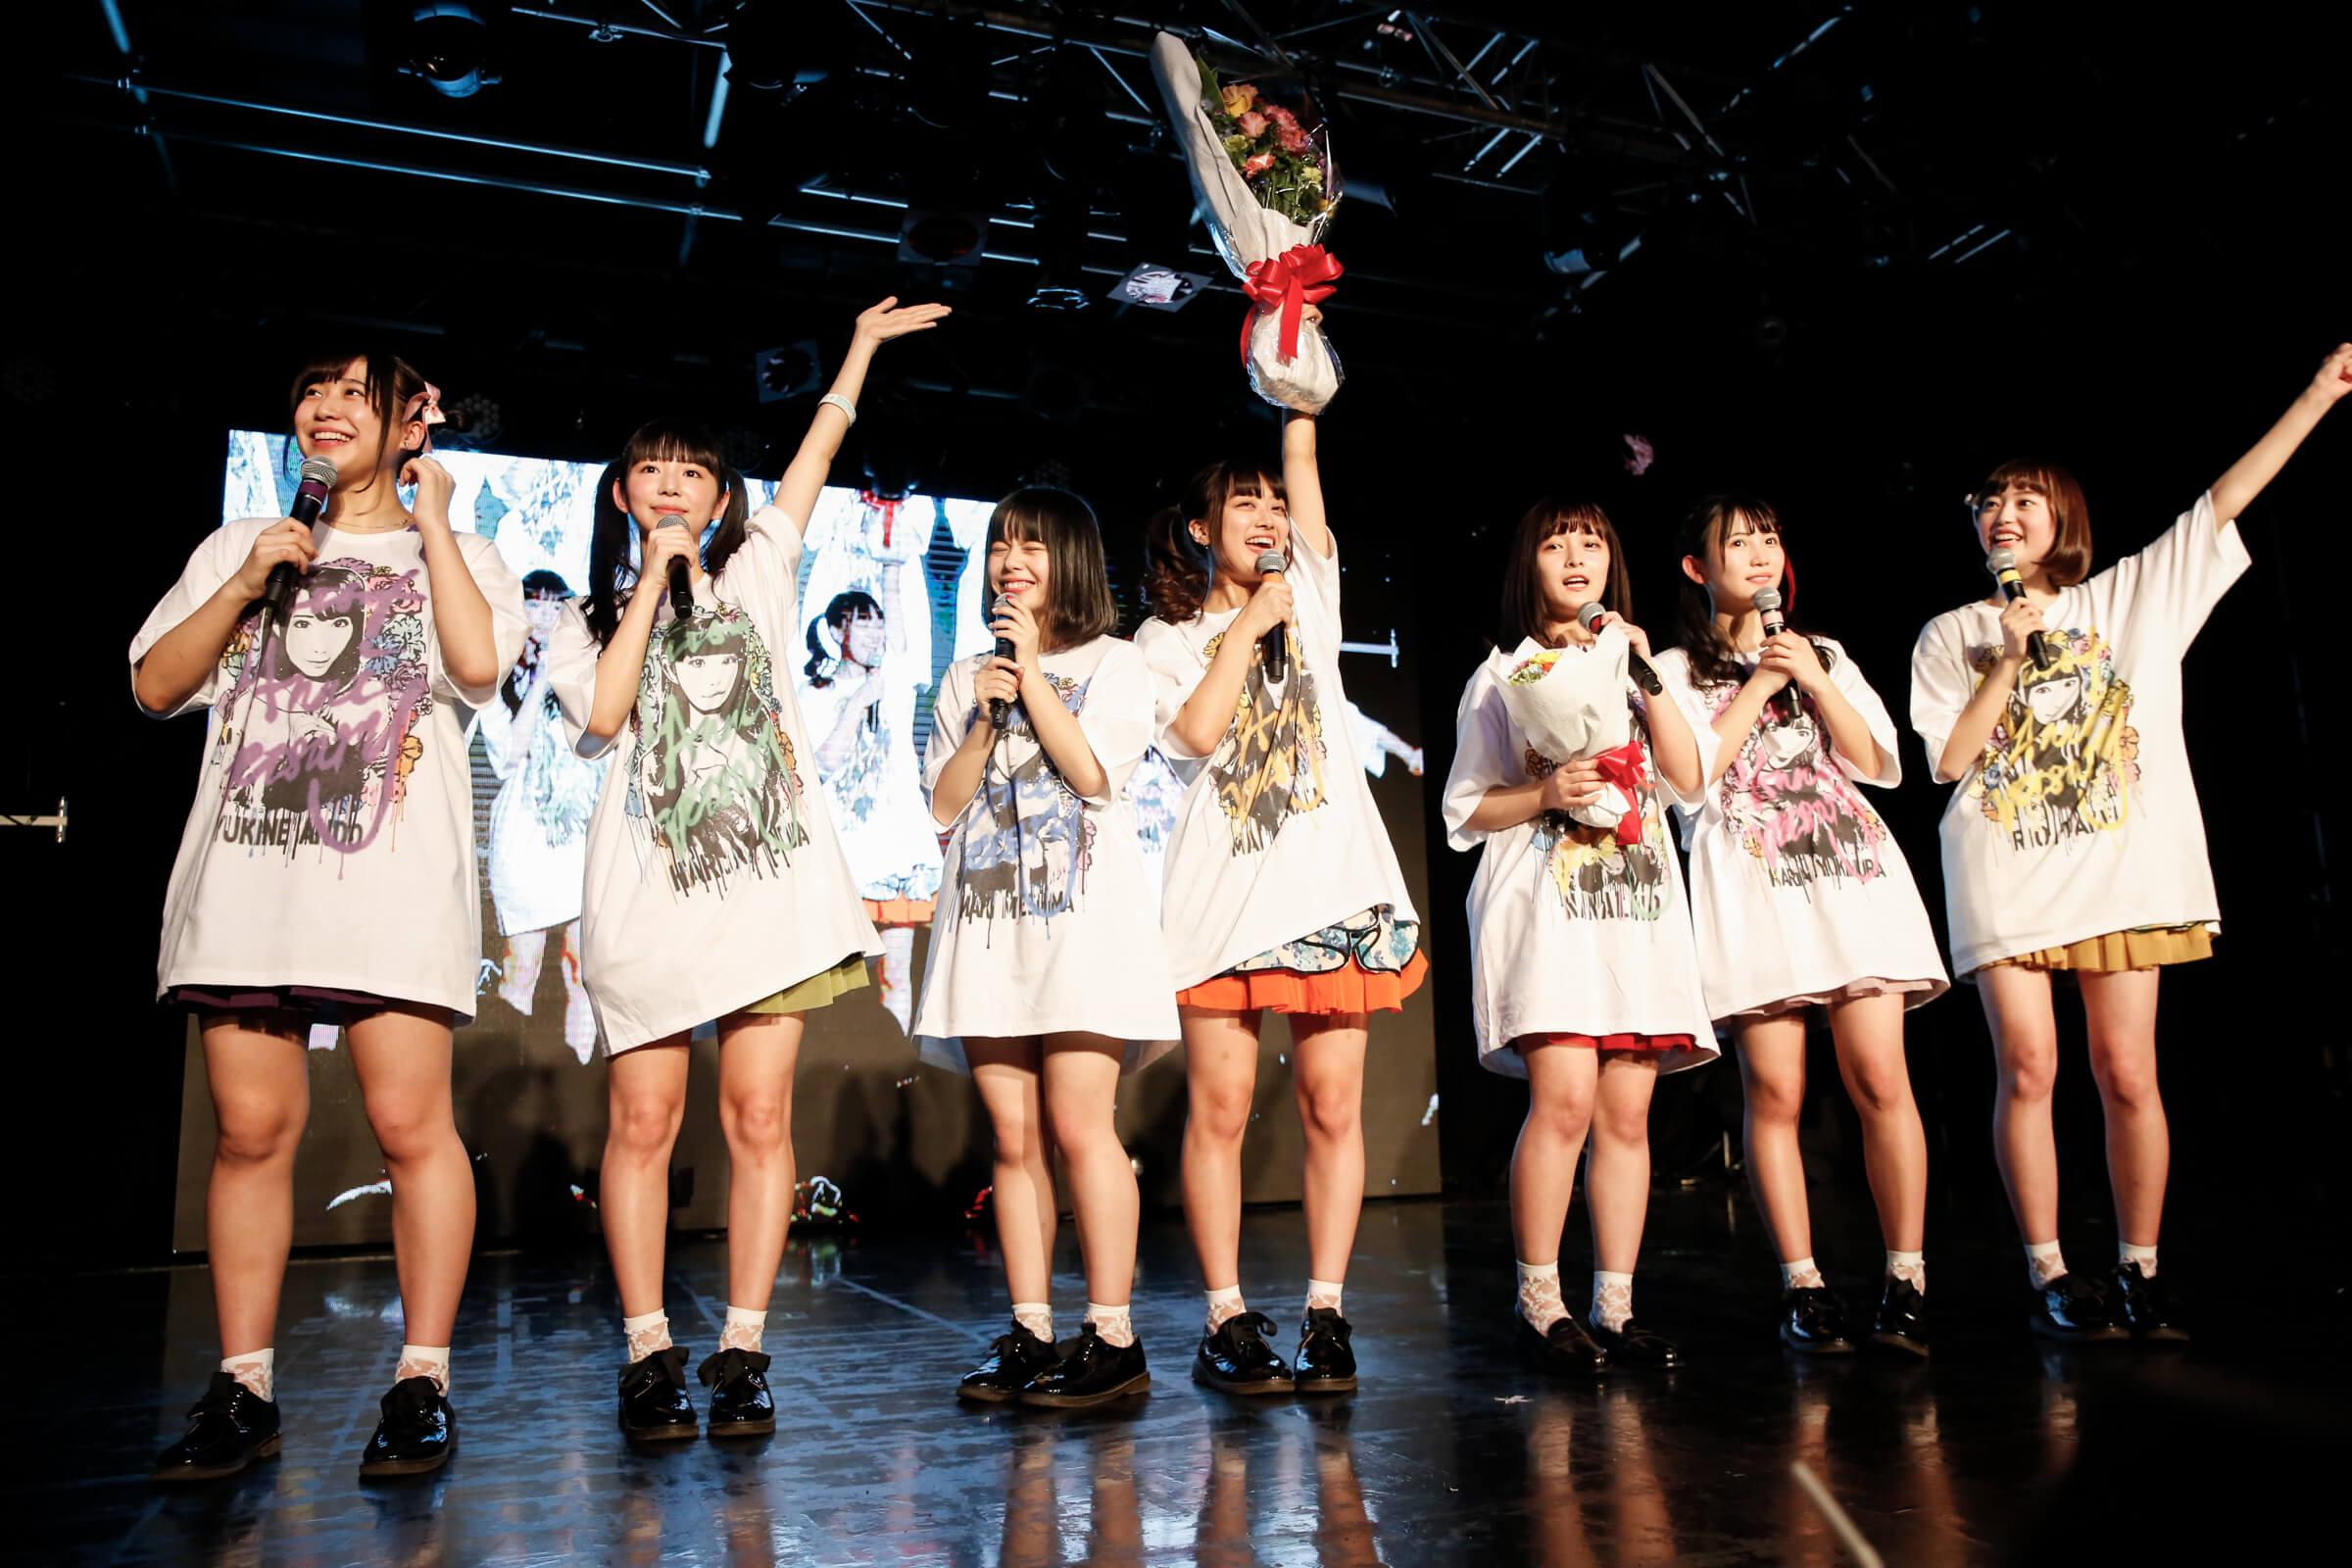 ナナランド、新メンバー笹原琴音がお披露目!結成1周年記念ライブで全力パフォーマンス